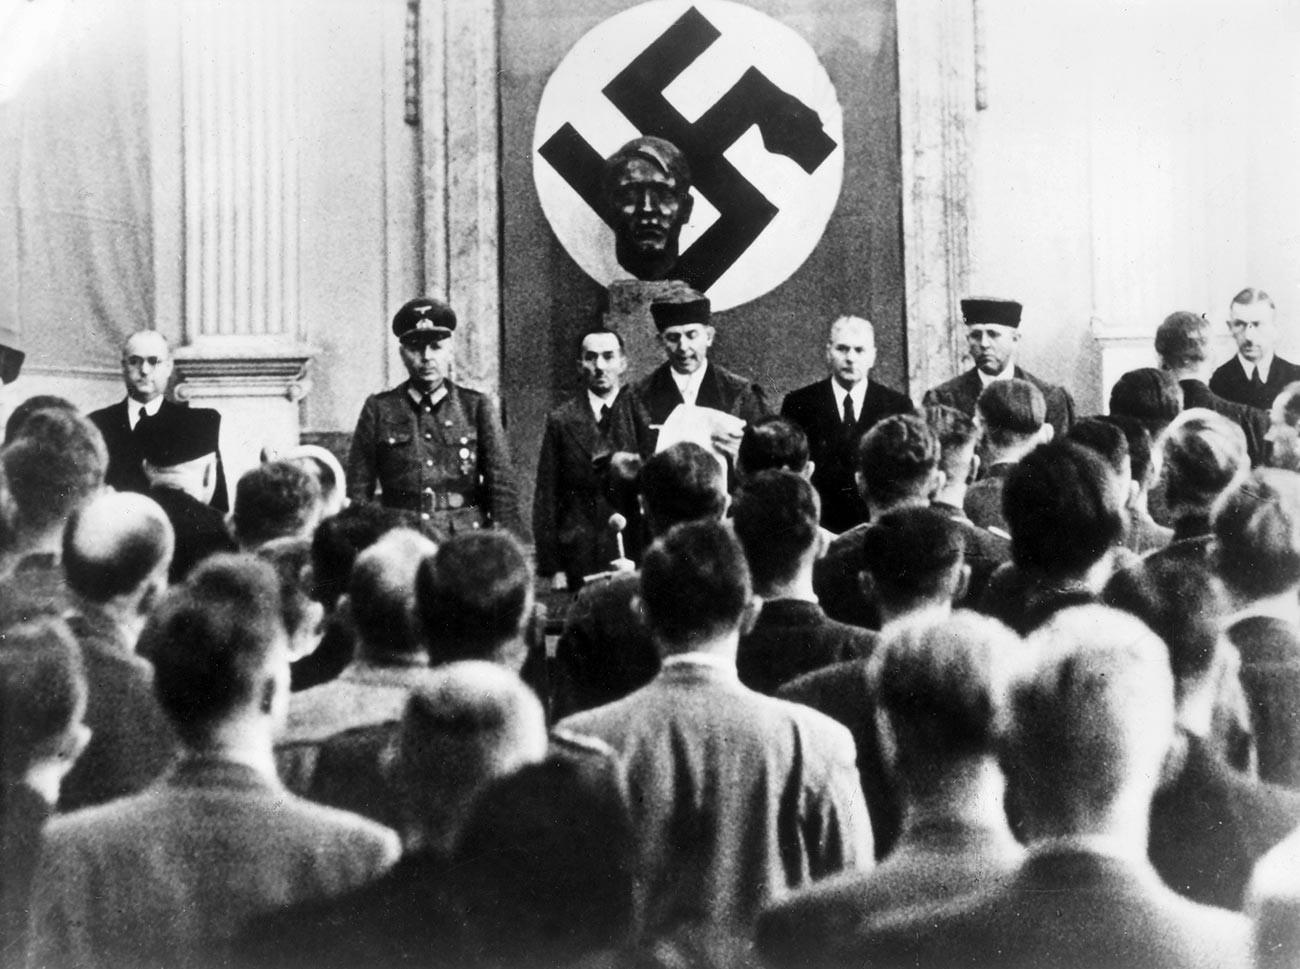 Изрекување казна во судницата на Врховниот суд во Берлин. Роланд Фрајслер (во средина), претседавач на народниот суд, чита пресуда. Од неговата лева страна е генерал Херман Рејнеке, шеф на Генералштабот.